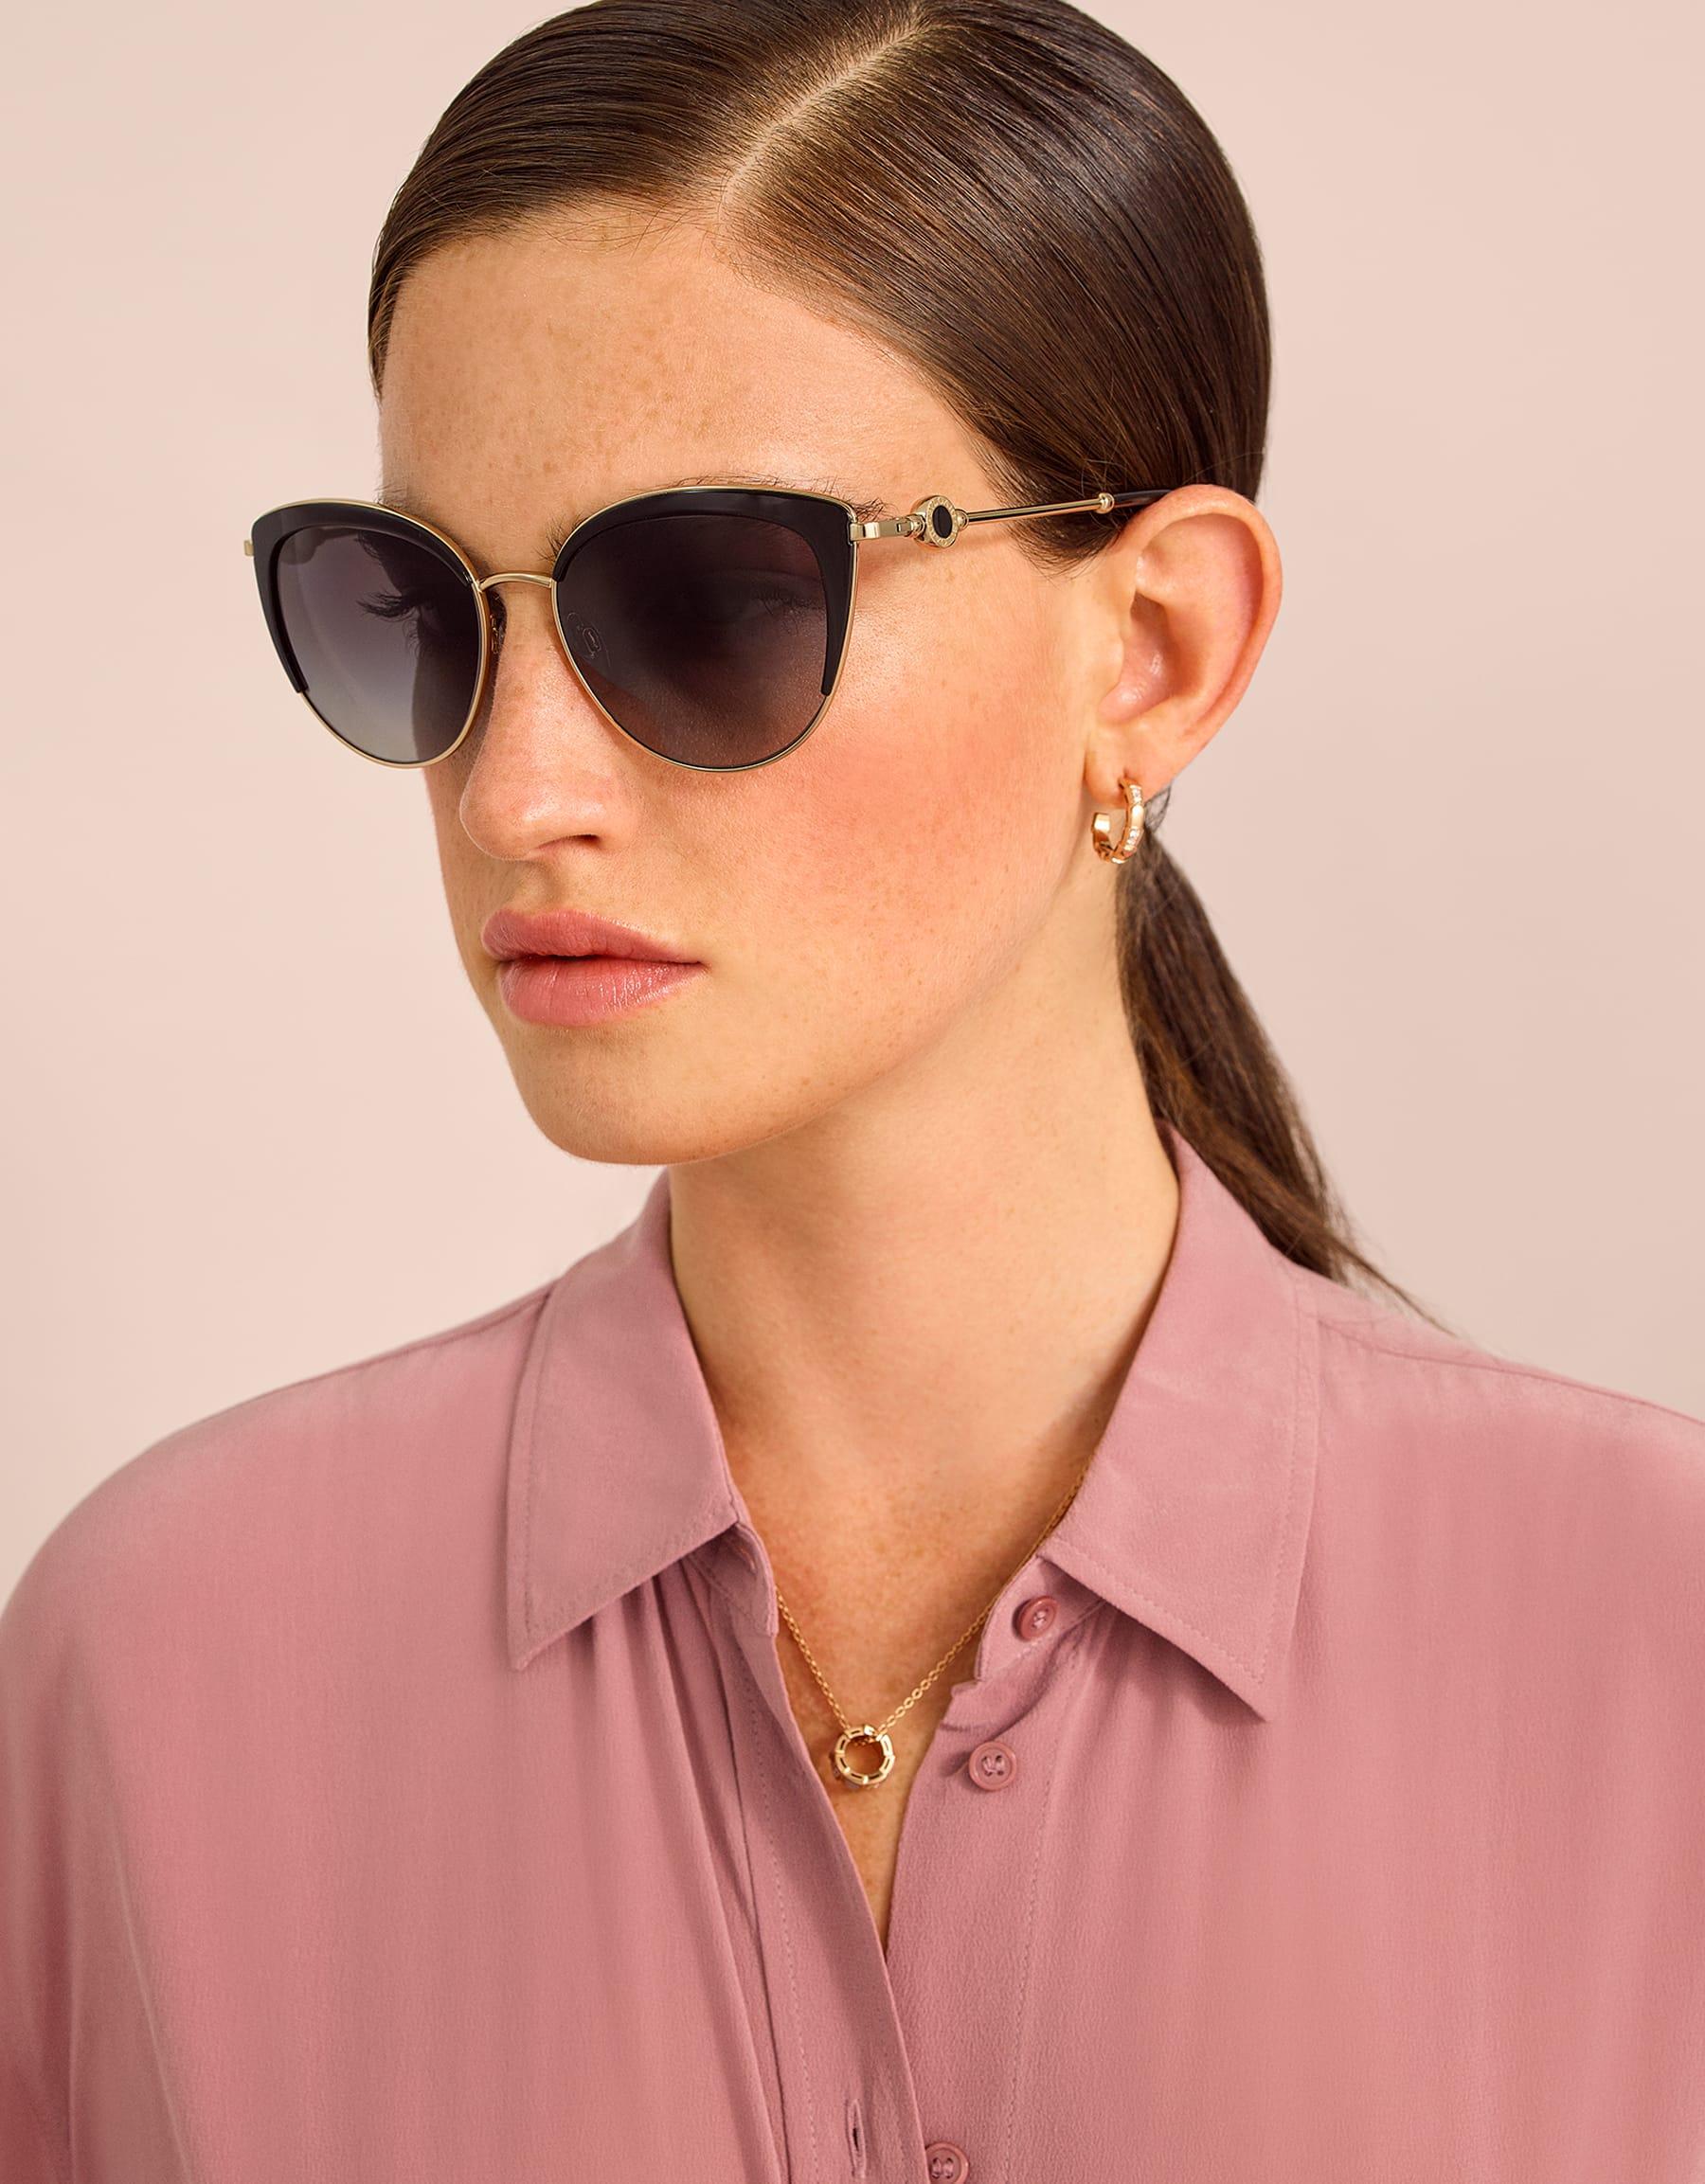 Gafas de sol BVLGARI BVLGARI en delicada forma de ojo de gato en metal con un adorno redondo con el logotipo doble. 903913 image 3